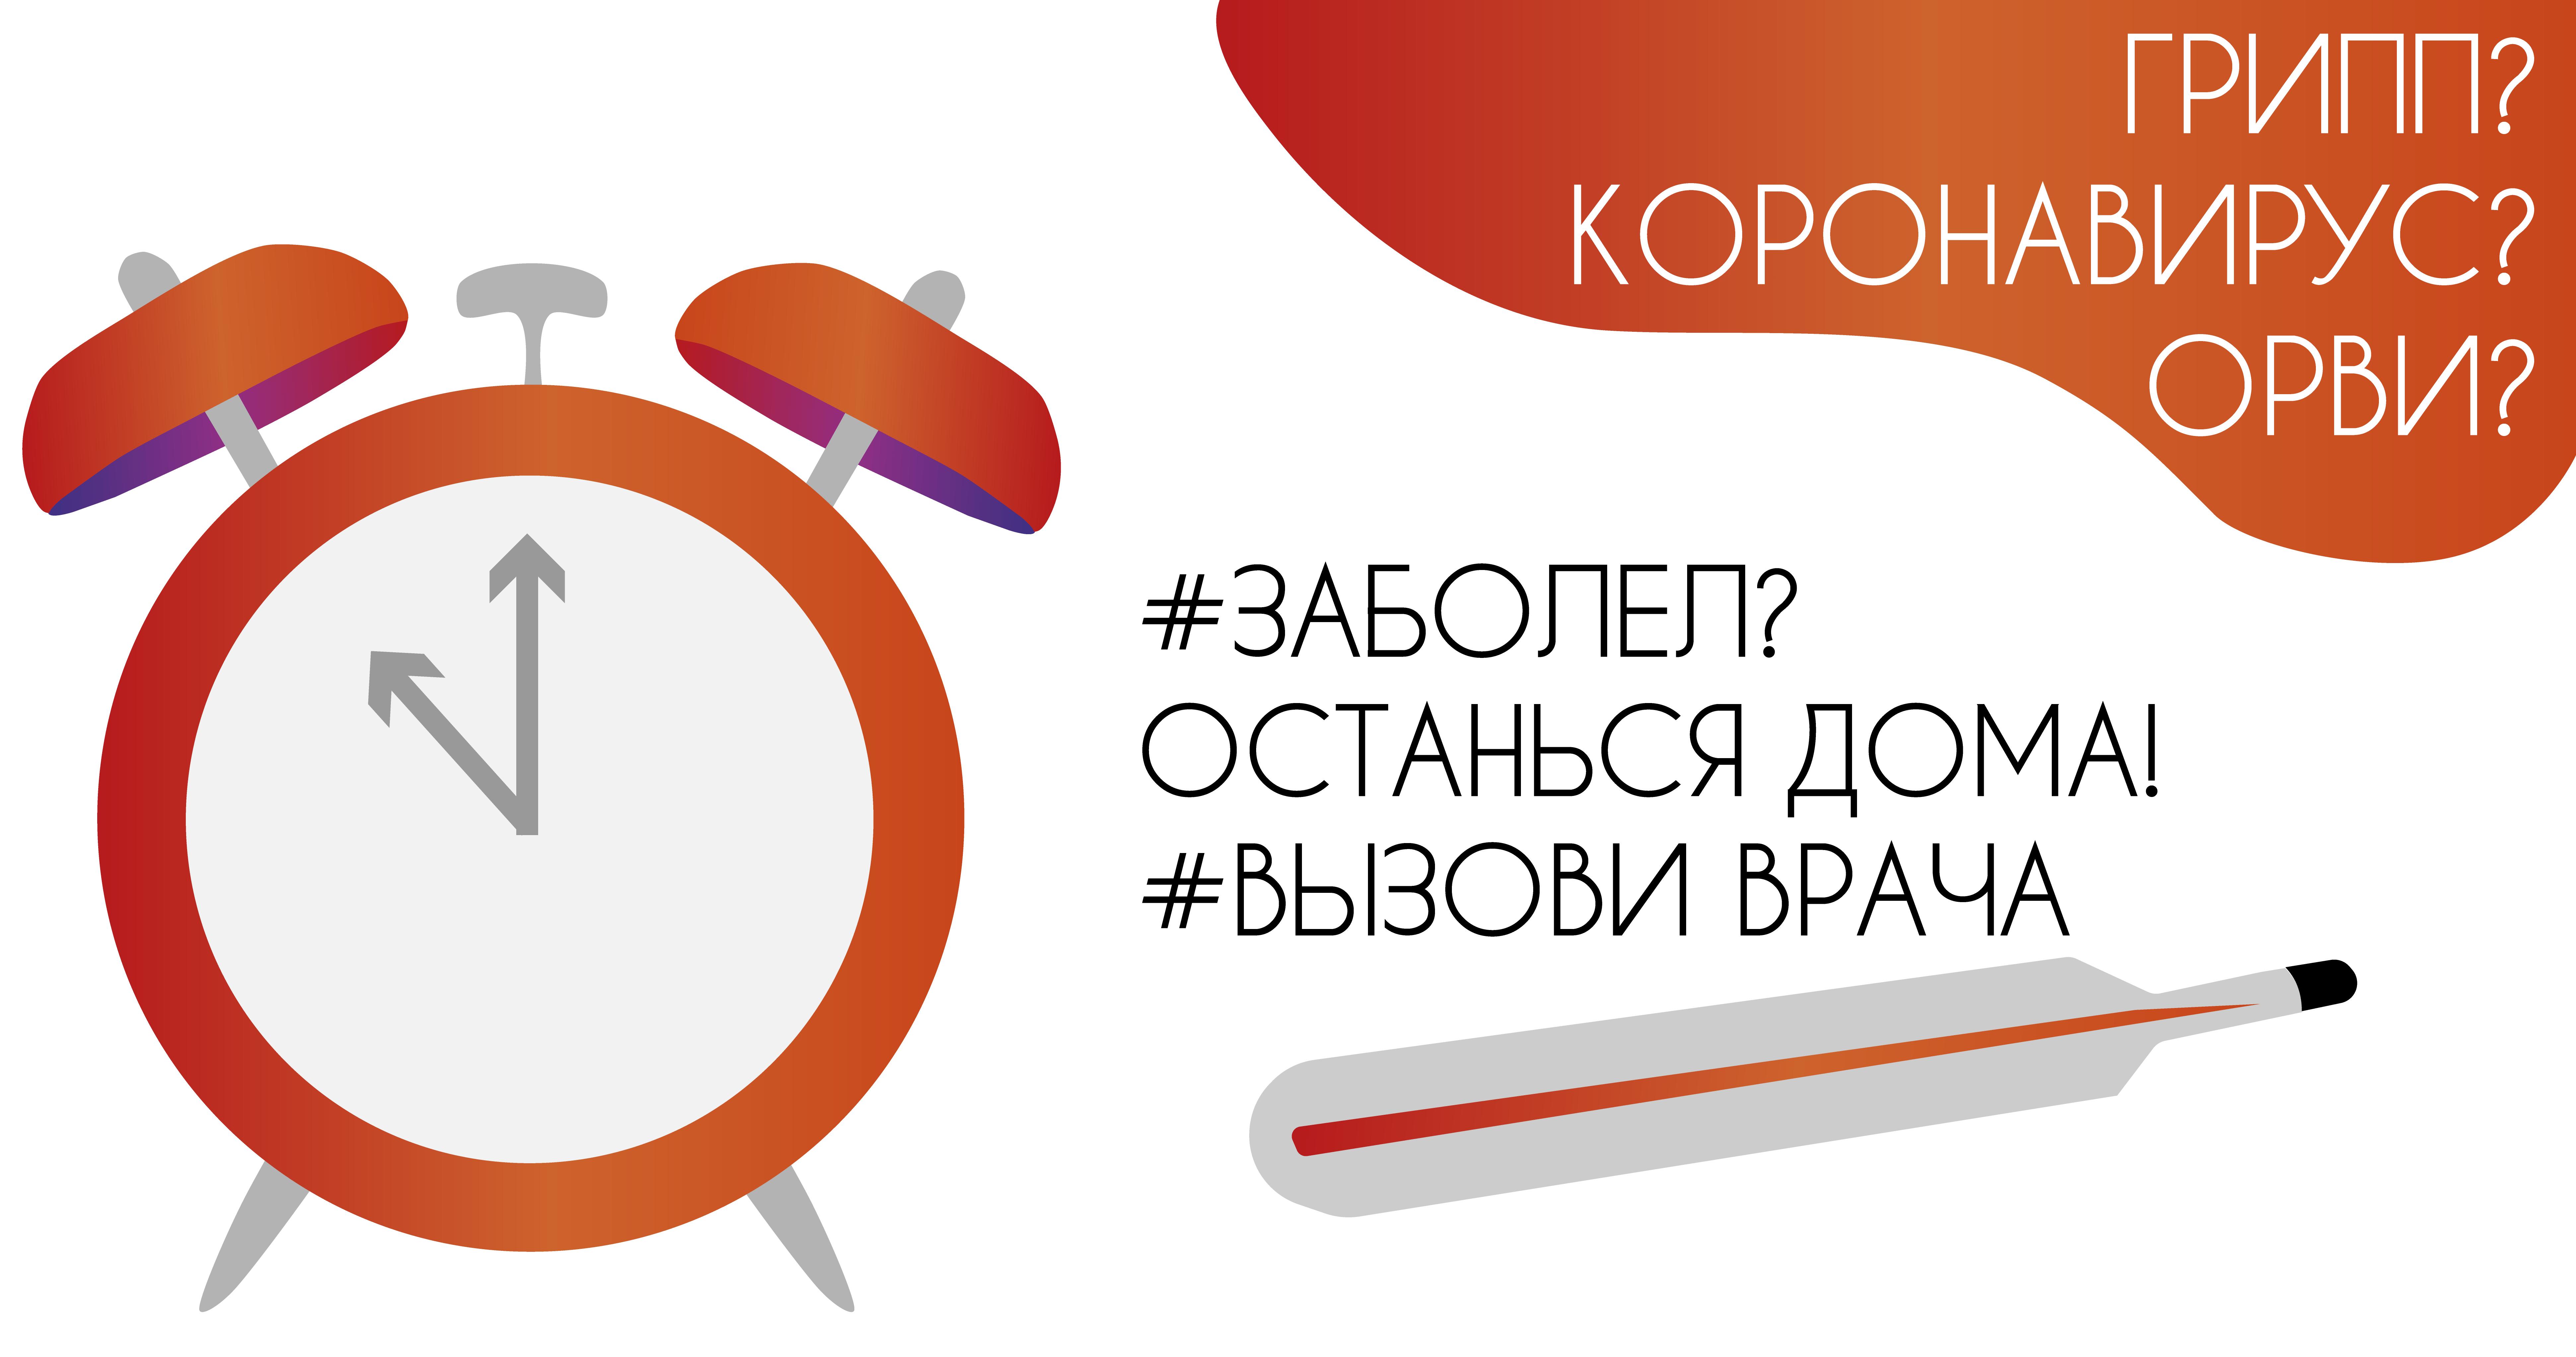 Рекомендации Минздрава Беларуси по профилактике заболевания коронавирусом